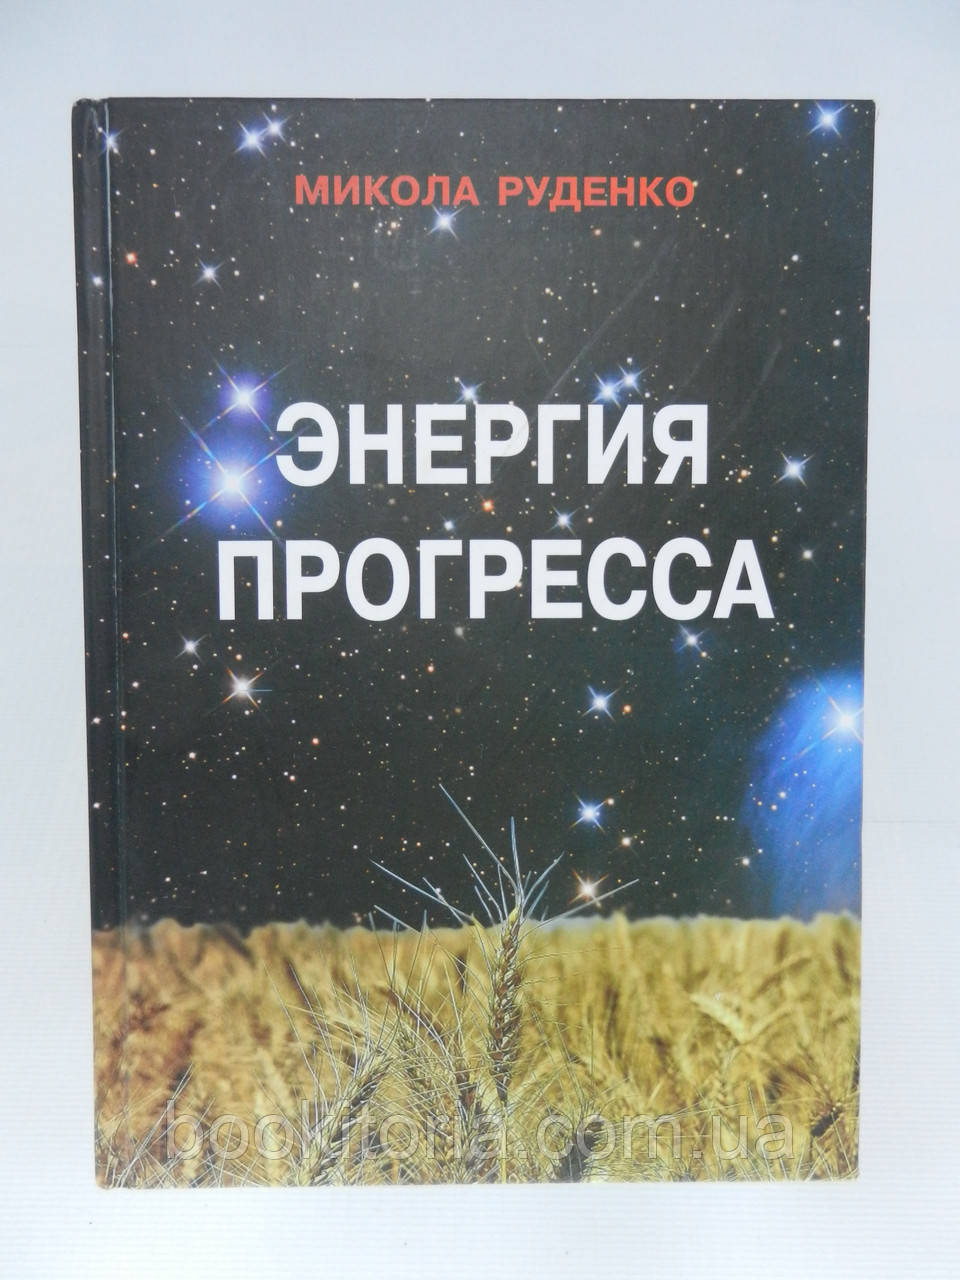 Руденко М. Энергия прогресса: очерки по физической экономии (б/у).